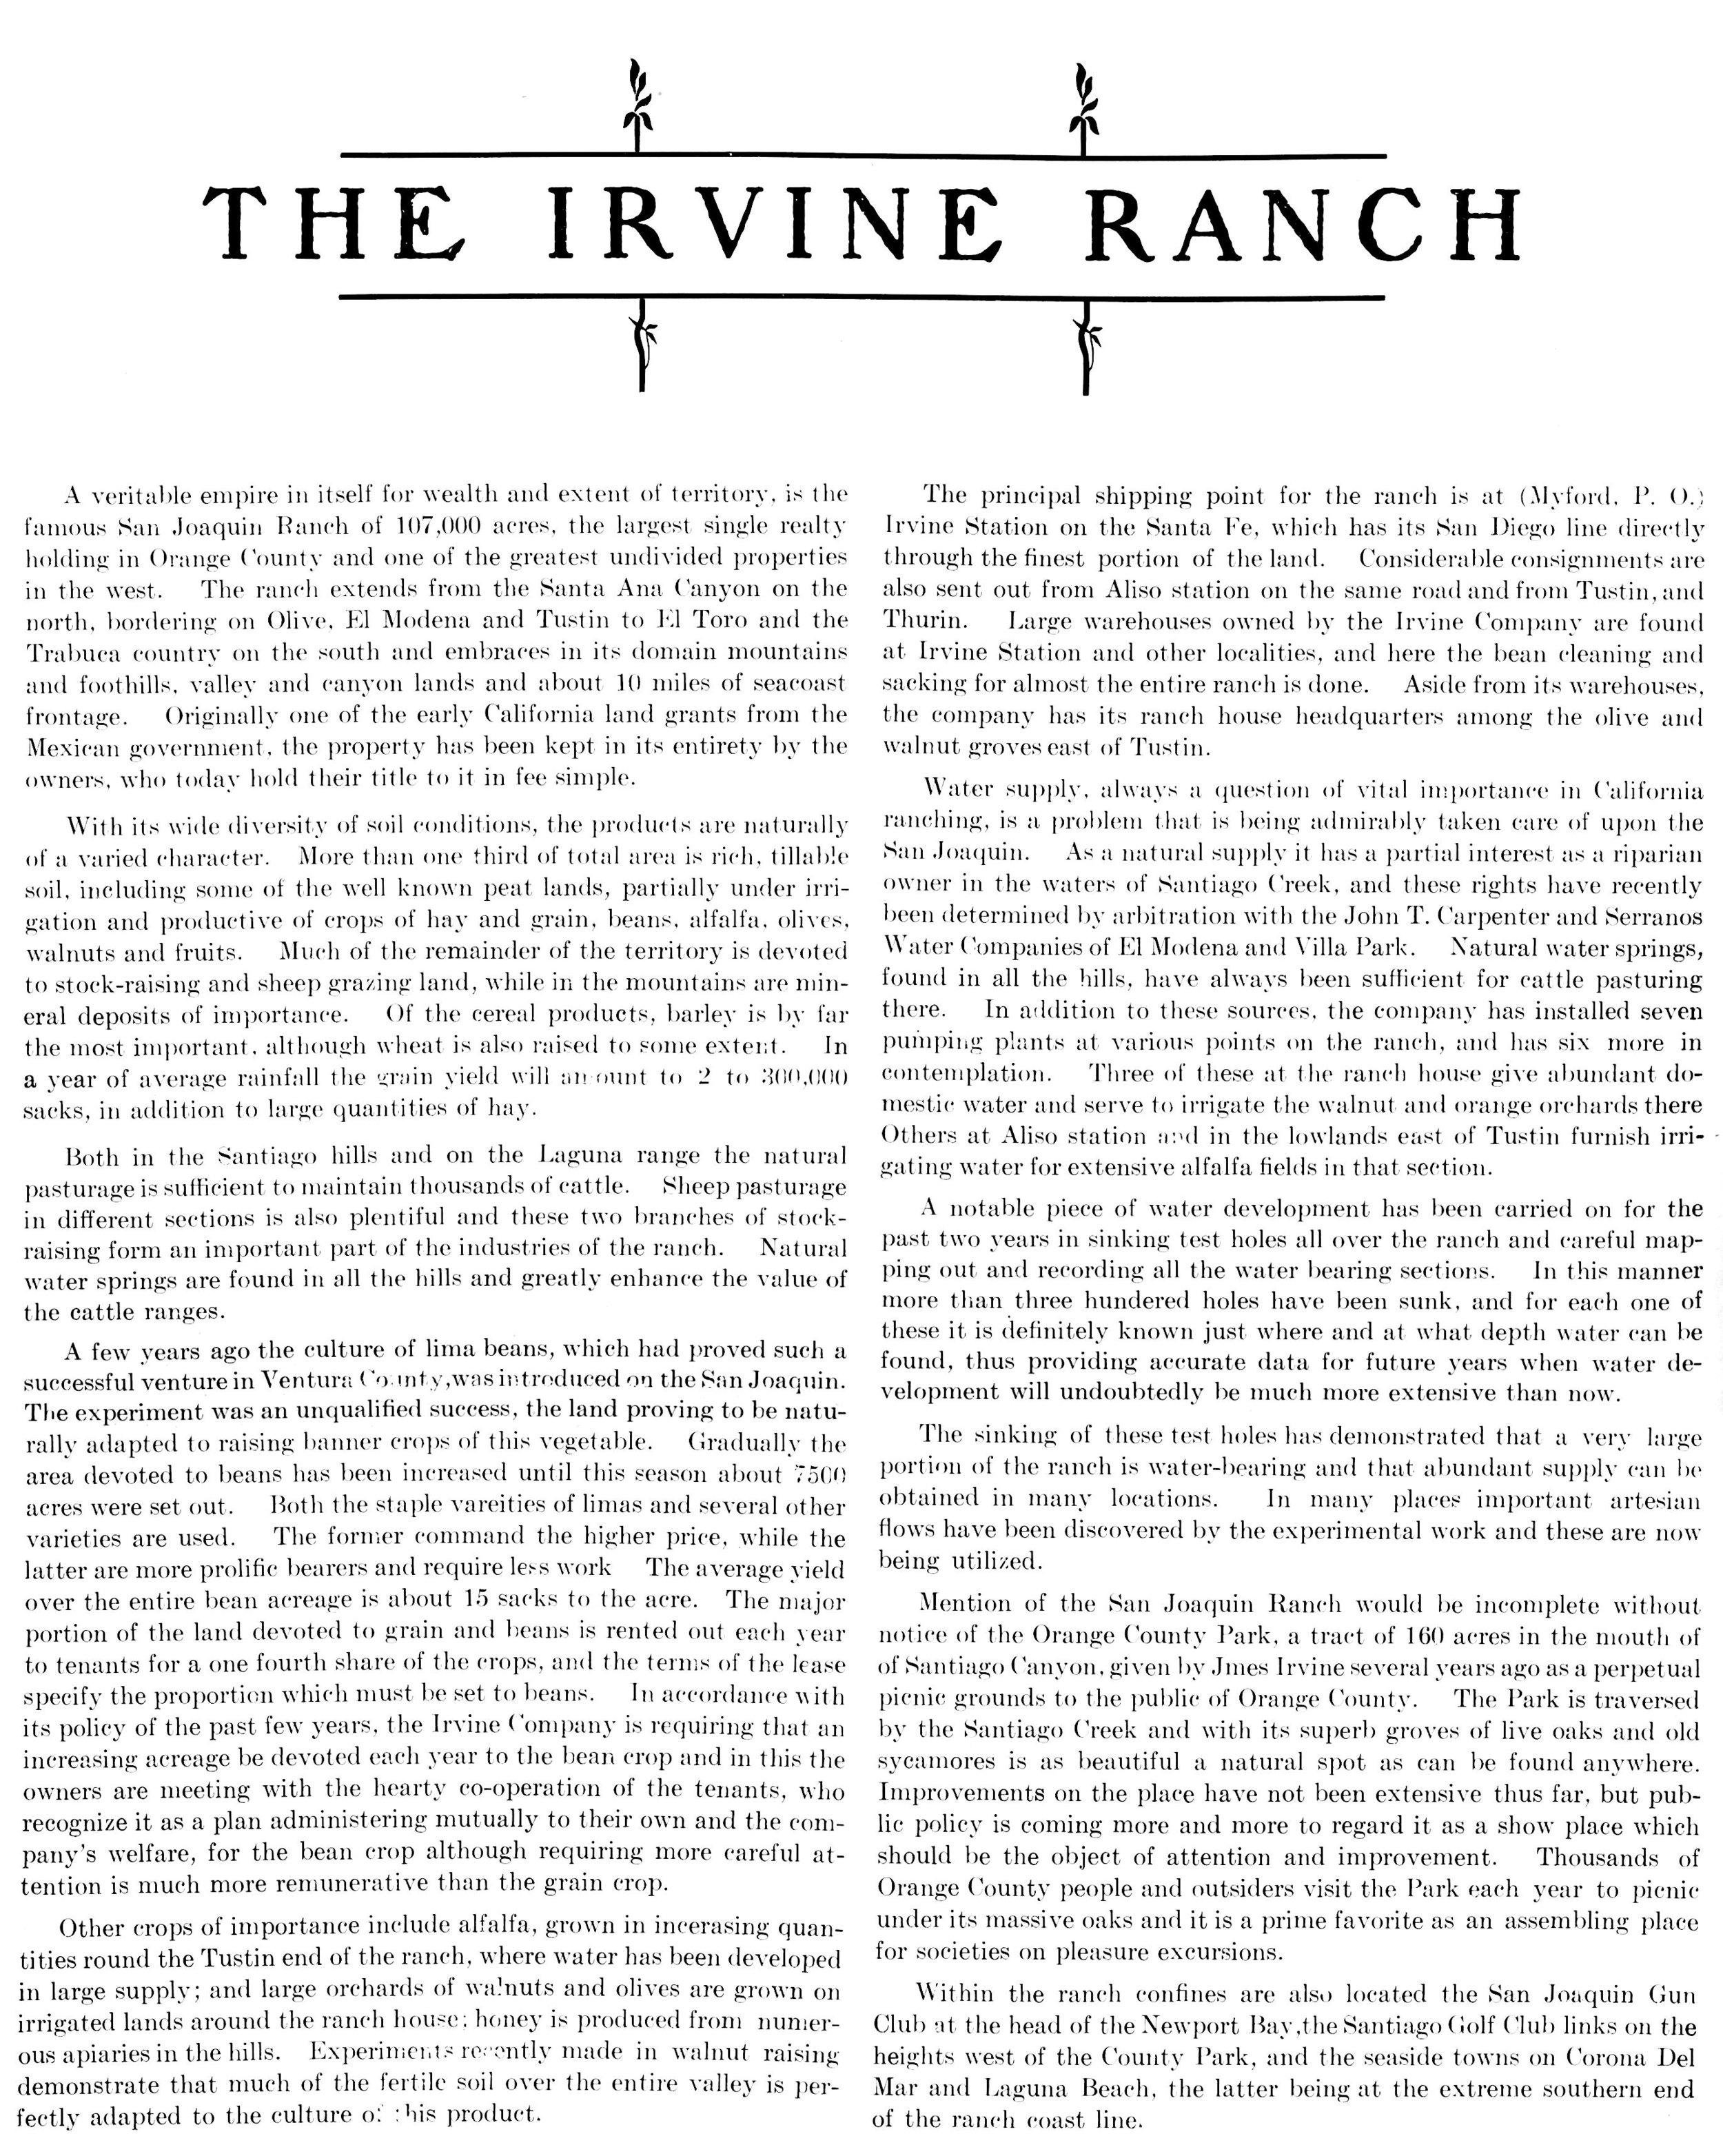 SA Blade, Nov 1905 - Irvine Ranch.jpg